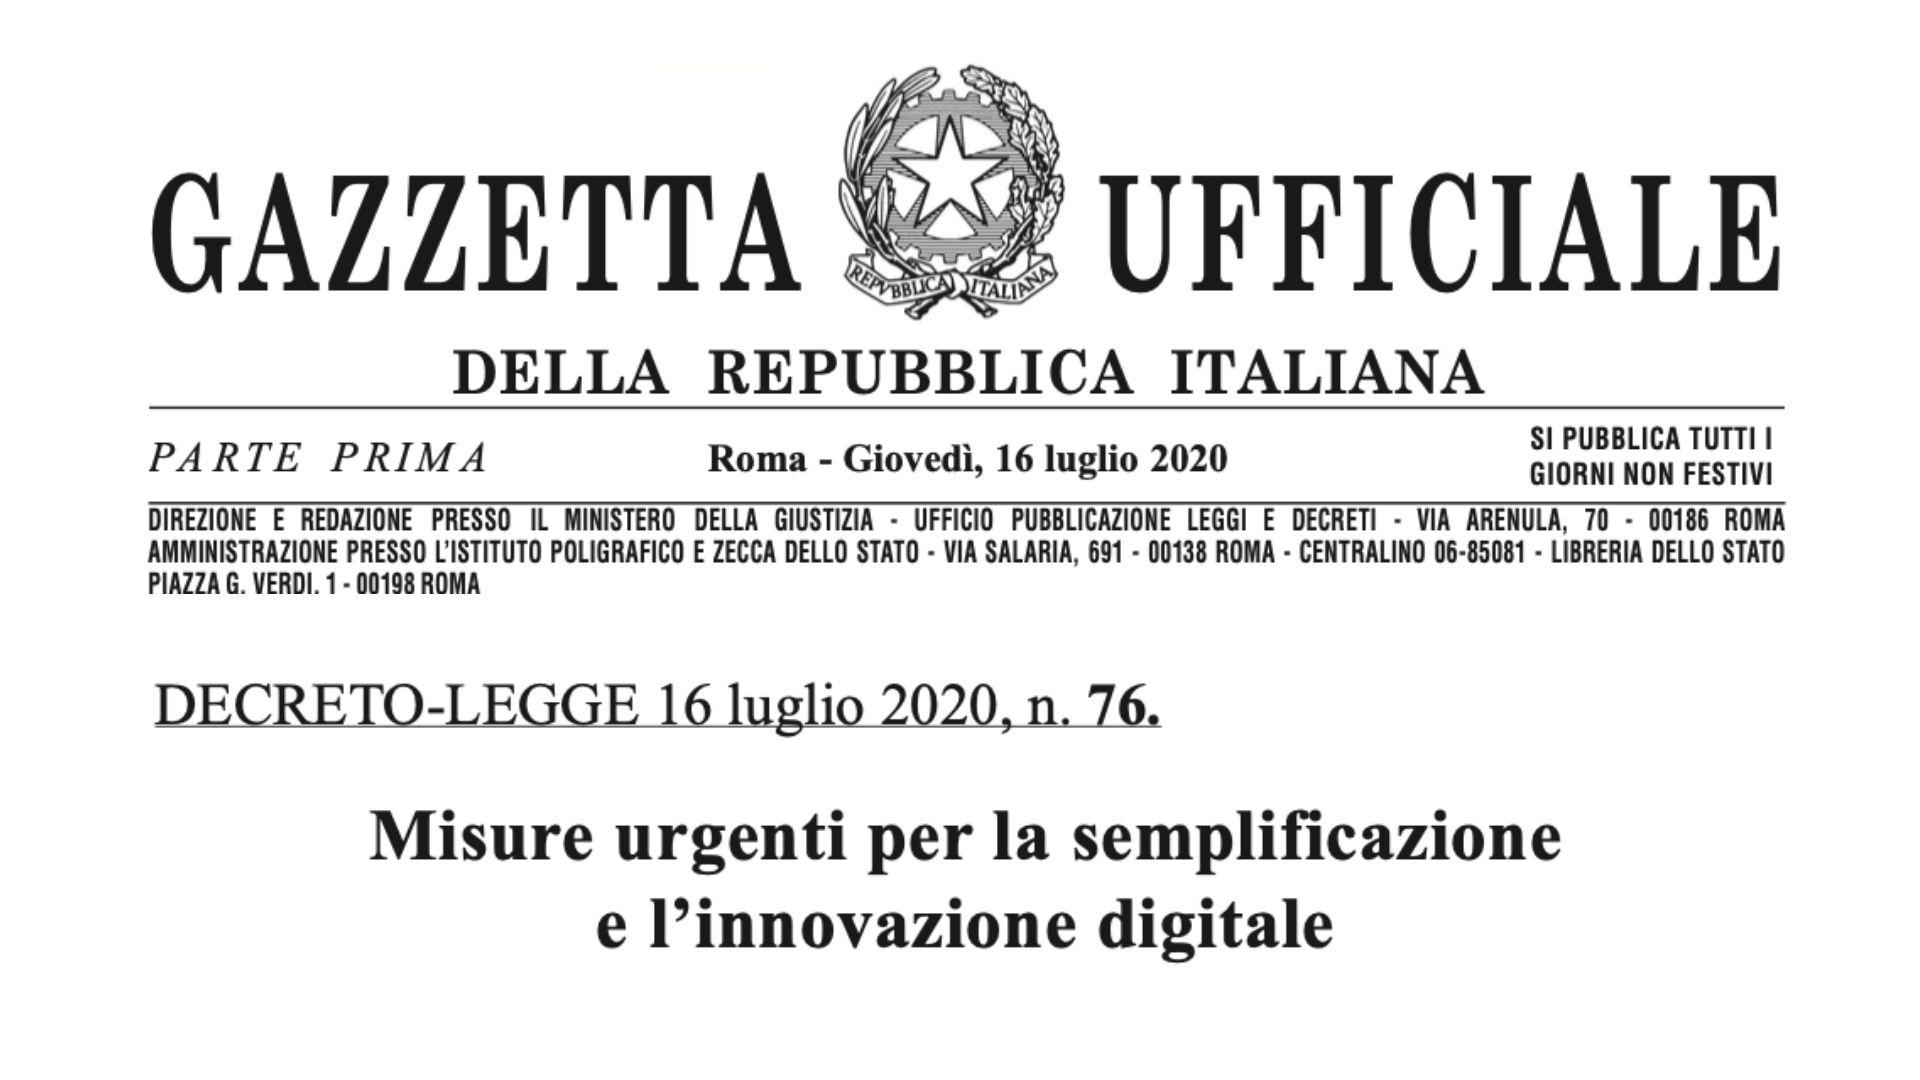 Misure urgenti per la semplificazione e innovazione digitale